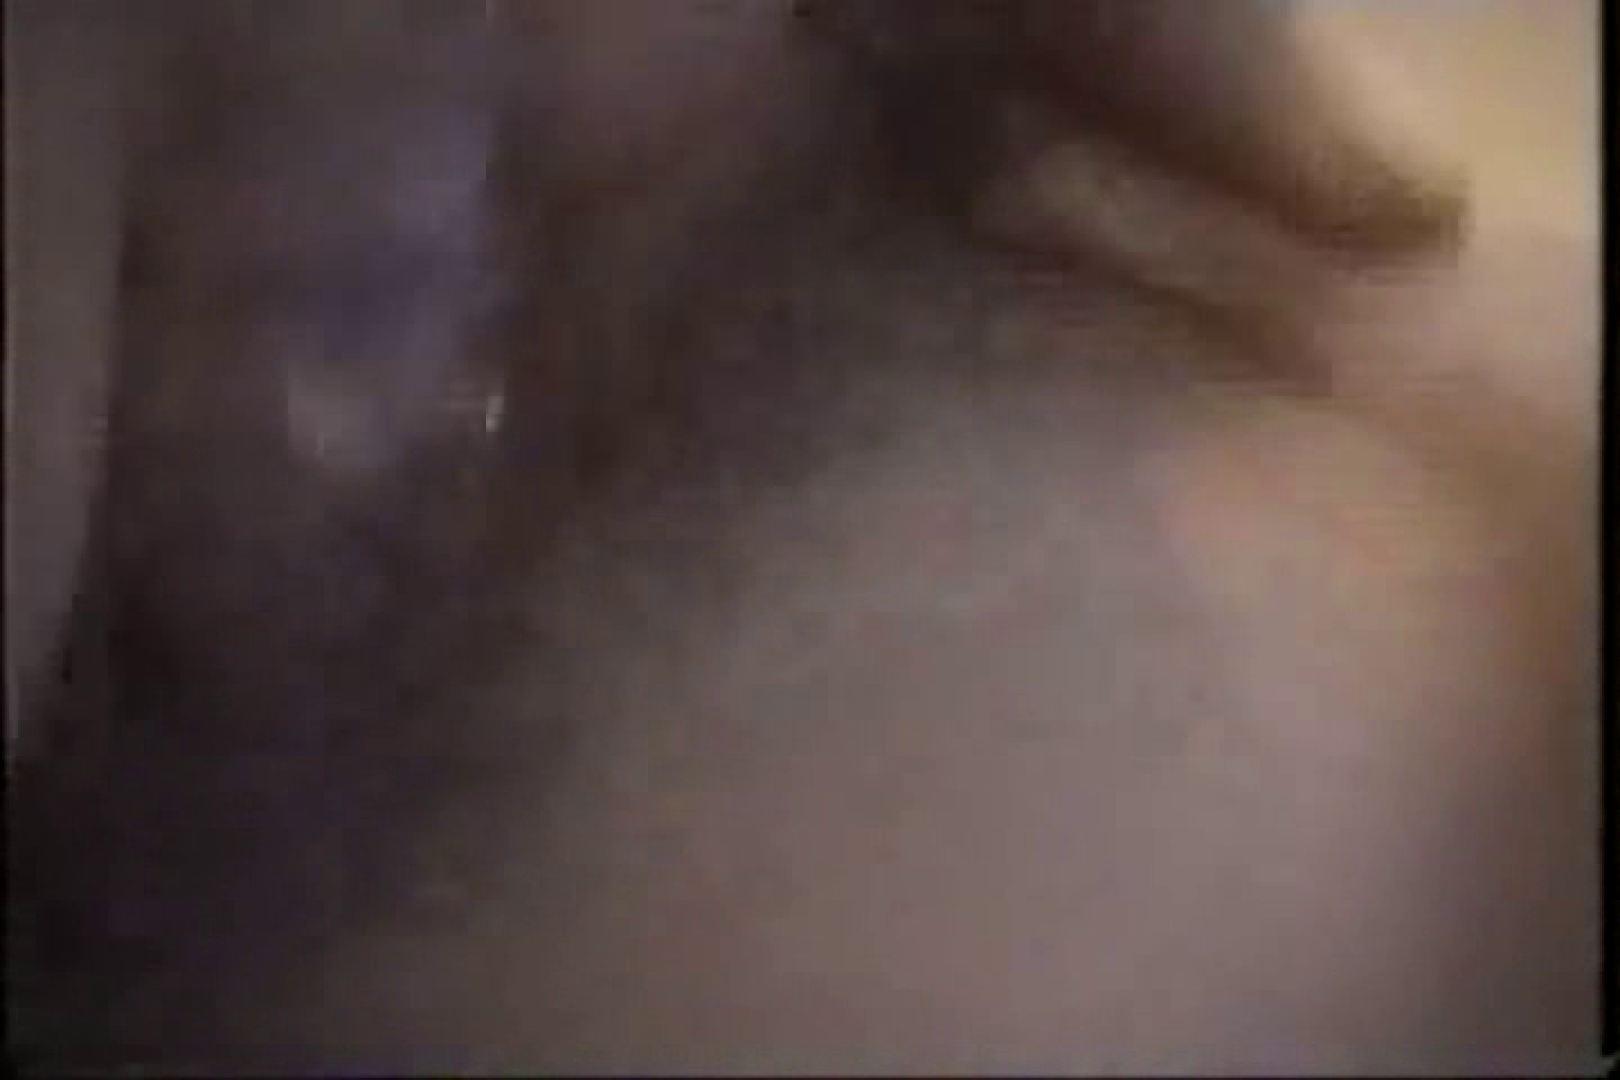 ウイルス流出 純子とてつやの指マン潮吹き&生セックス セックス  77pic 24